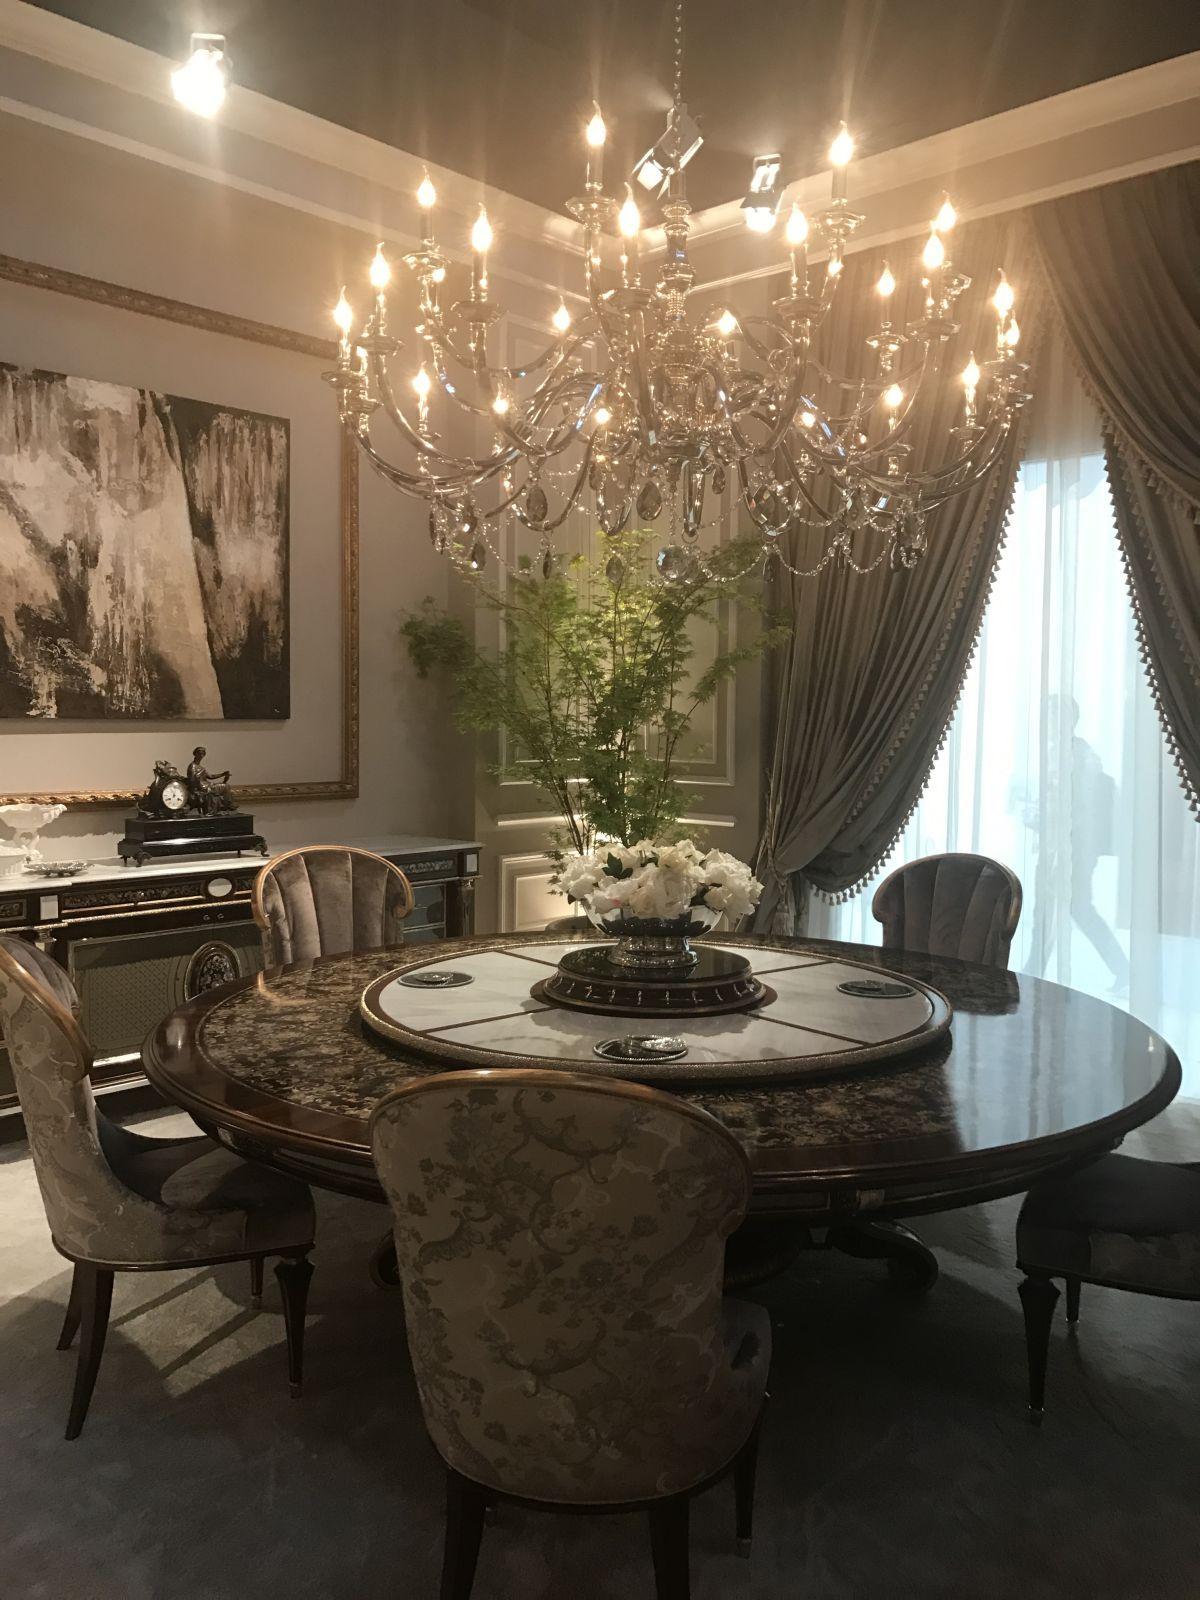 10 Luxus Dining Zimmer Mit Inspirierenden Barockstil Mit Bildern Speisezimmereinrichtung Esszimmerdekoration Barock Stil